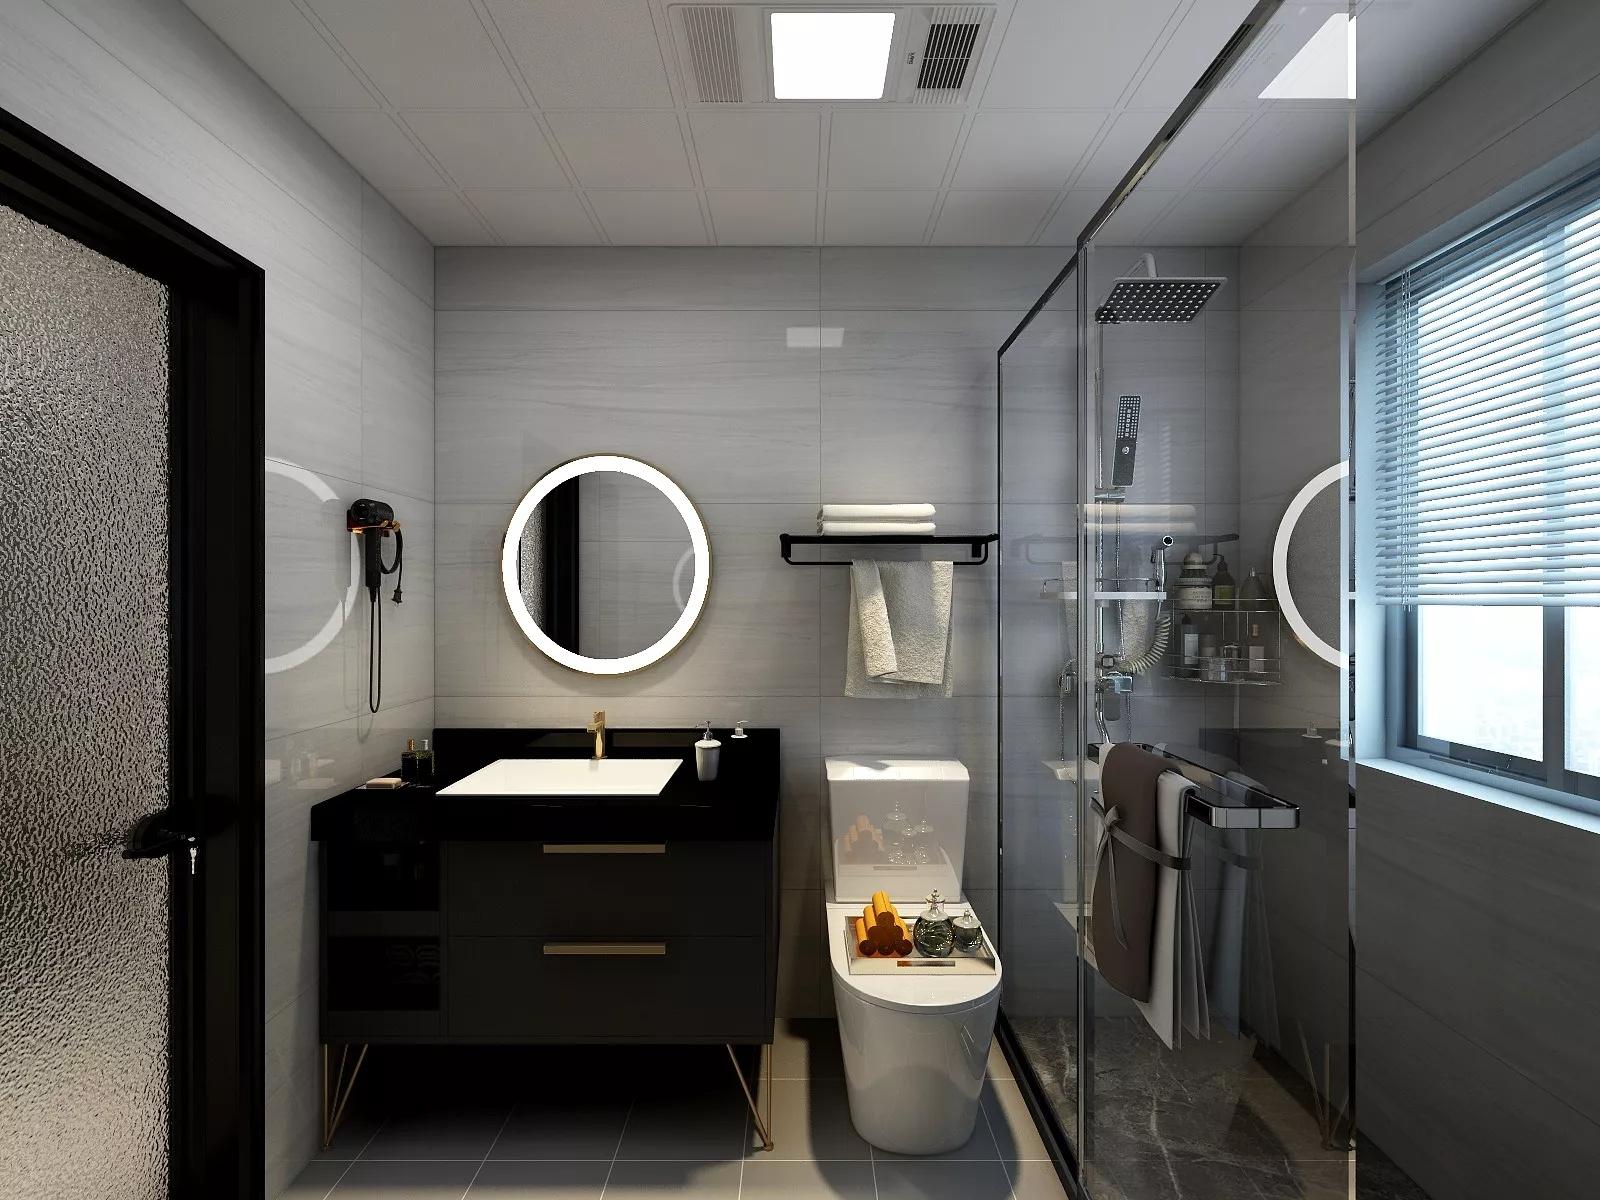 洗面盆哪种材质好?洗面盆选什么样好?